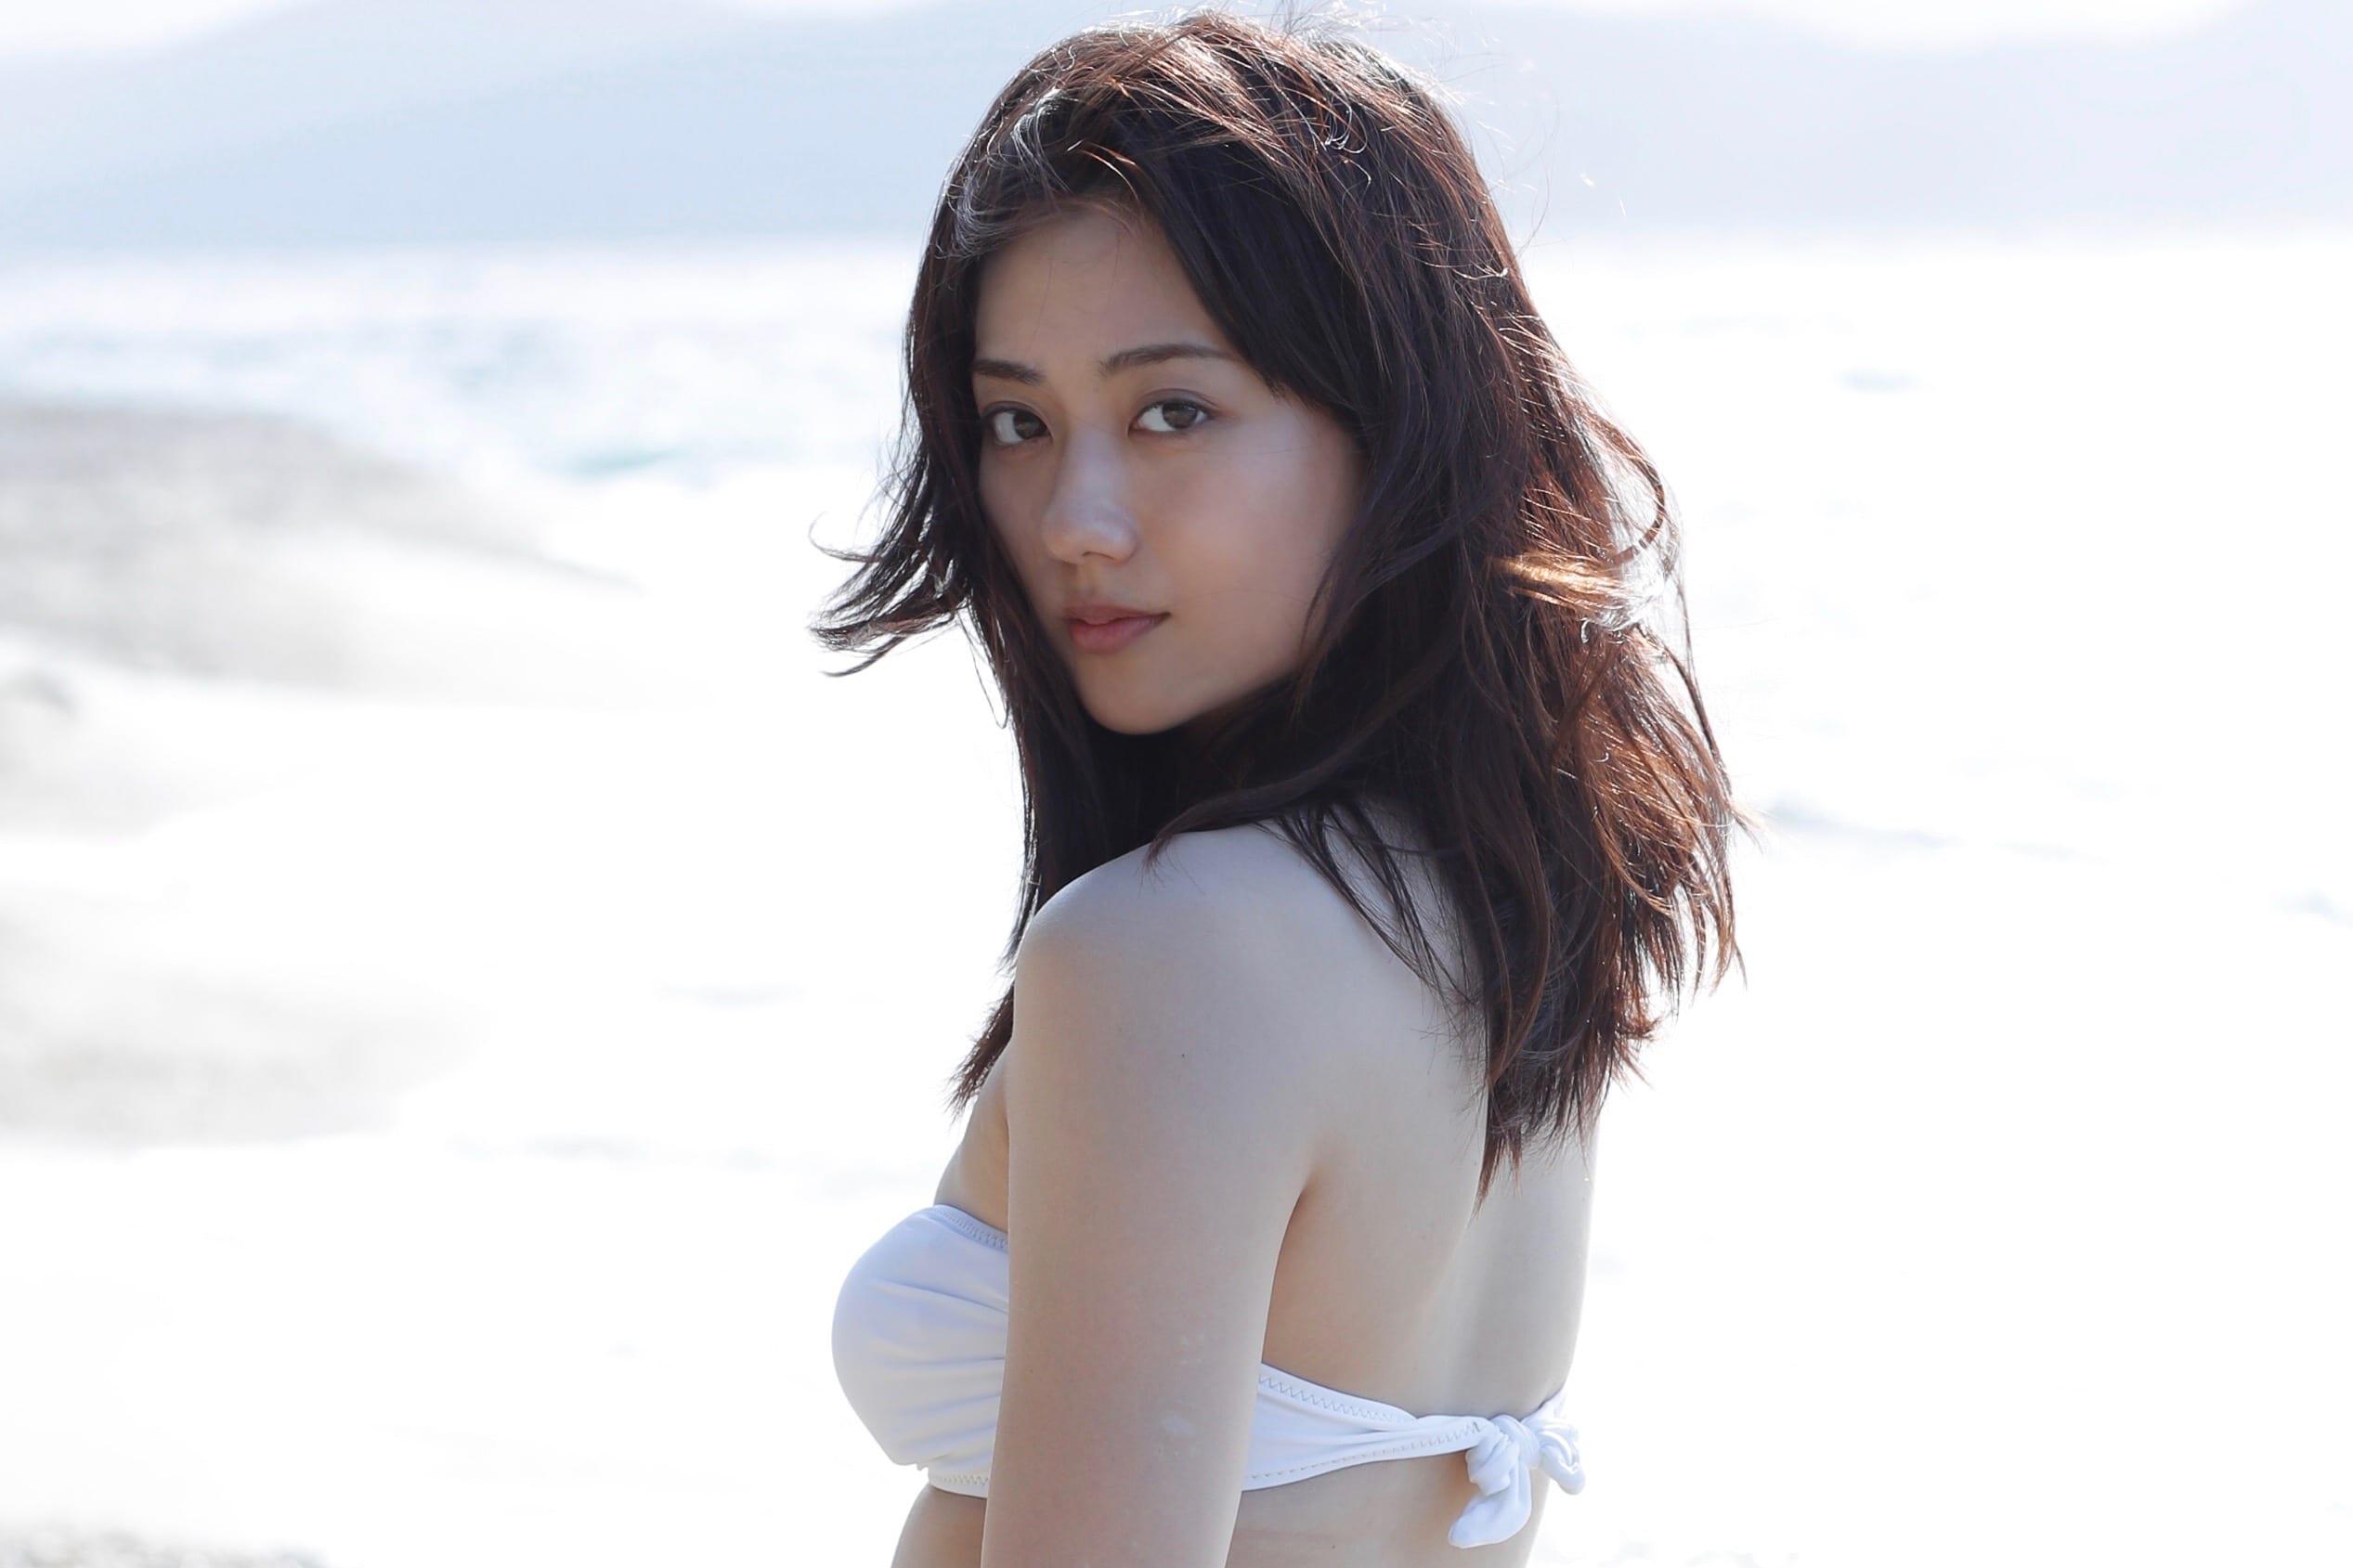 女優・奥山かずさが初の写真集で大胆露出 海辺で見せた「オトナの表情」は必見